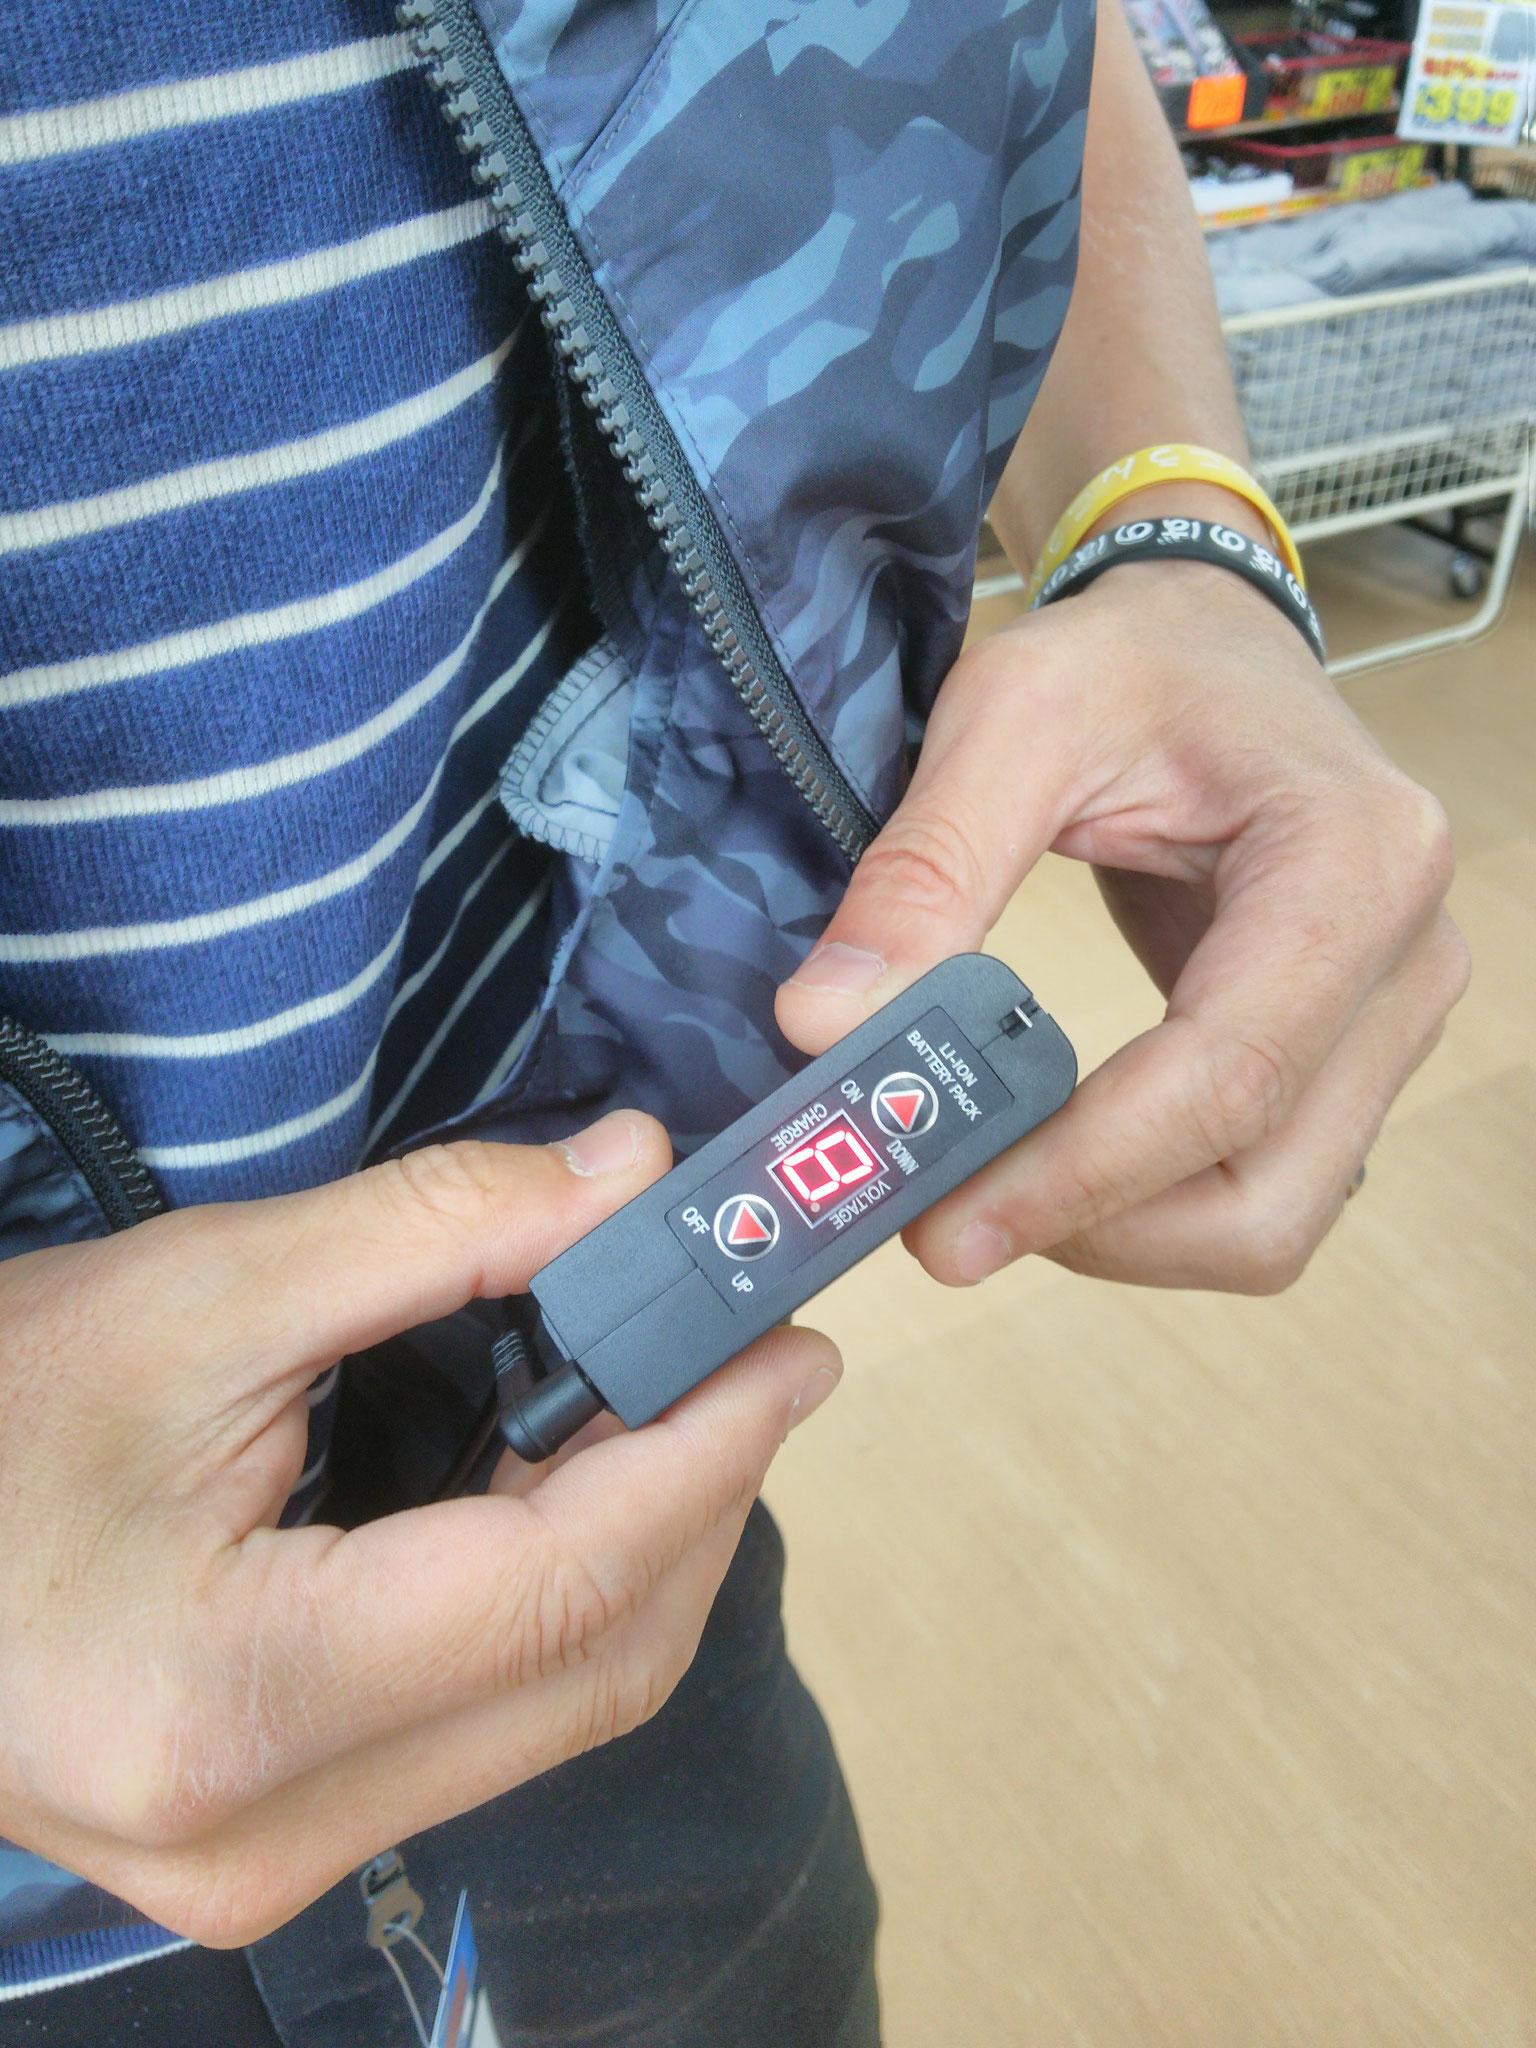 高性能 LIULTRA1J リチウムイオンバッテリー¥10,900(税込)